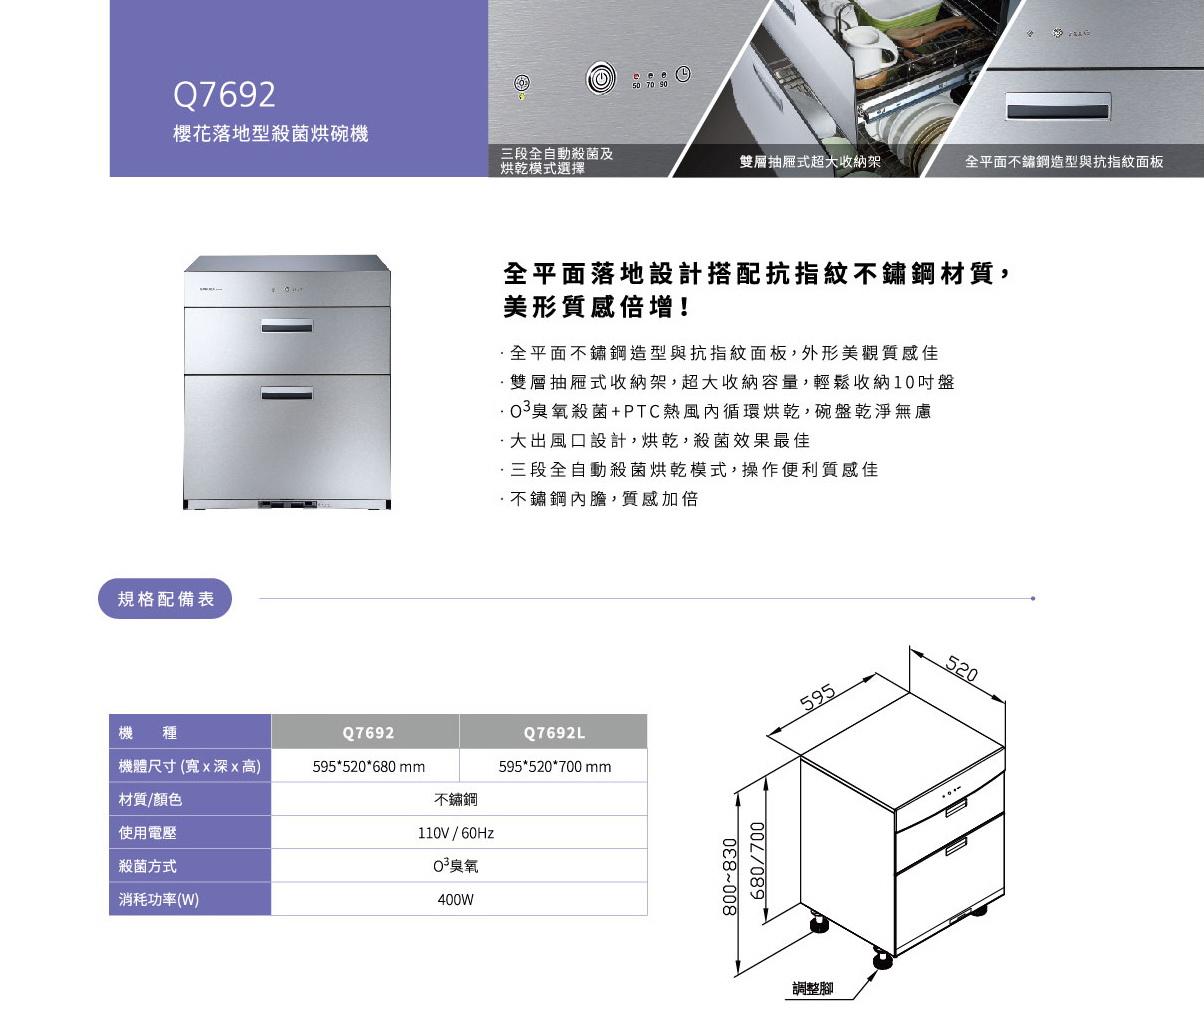 櫻花烘碗機Q7692-2.jpg